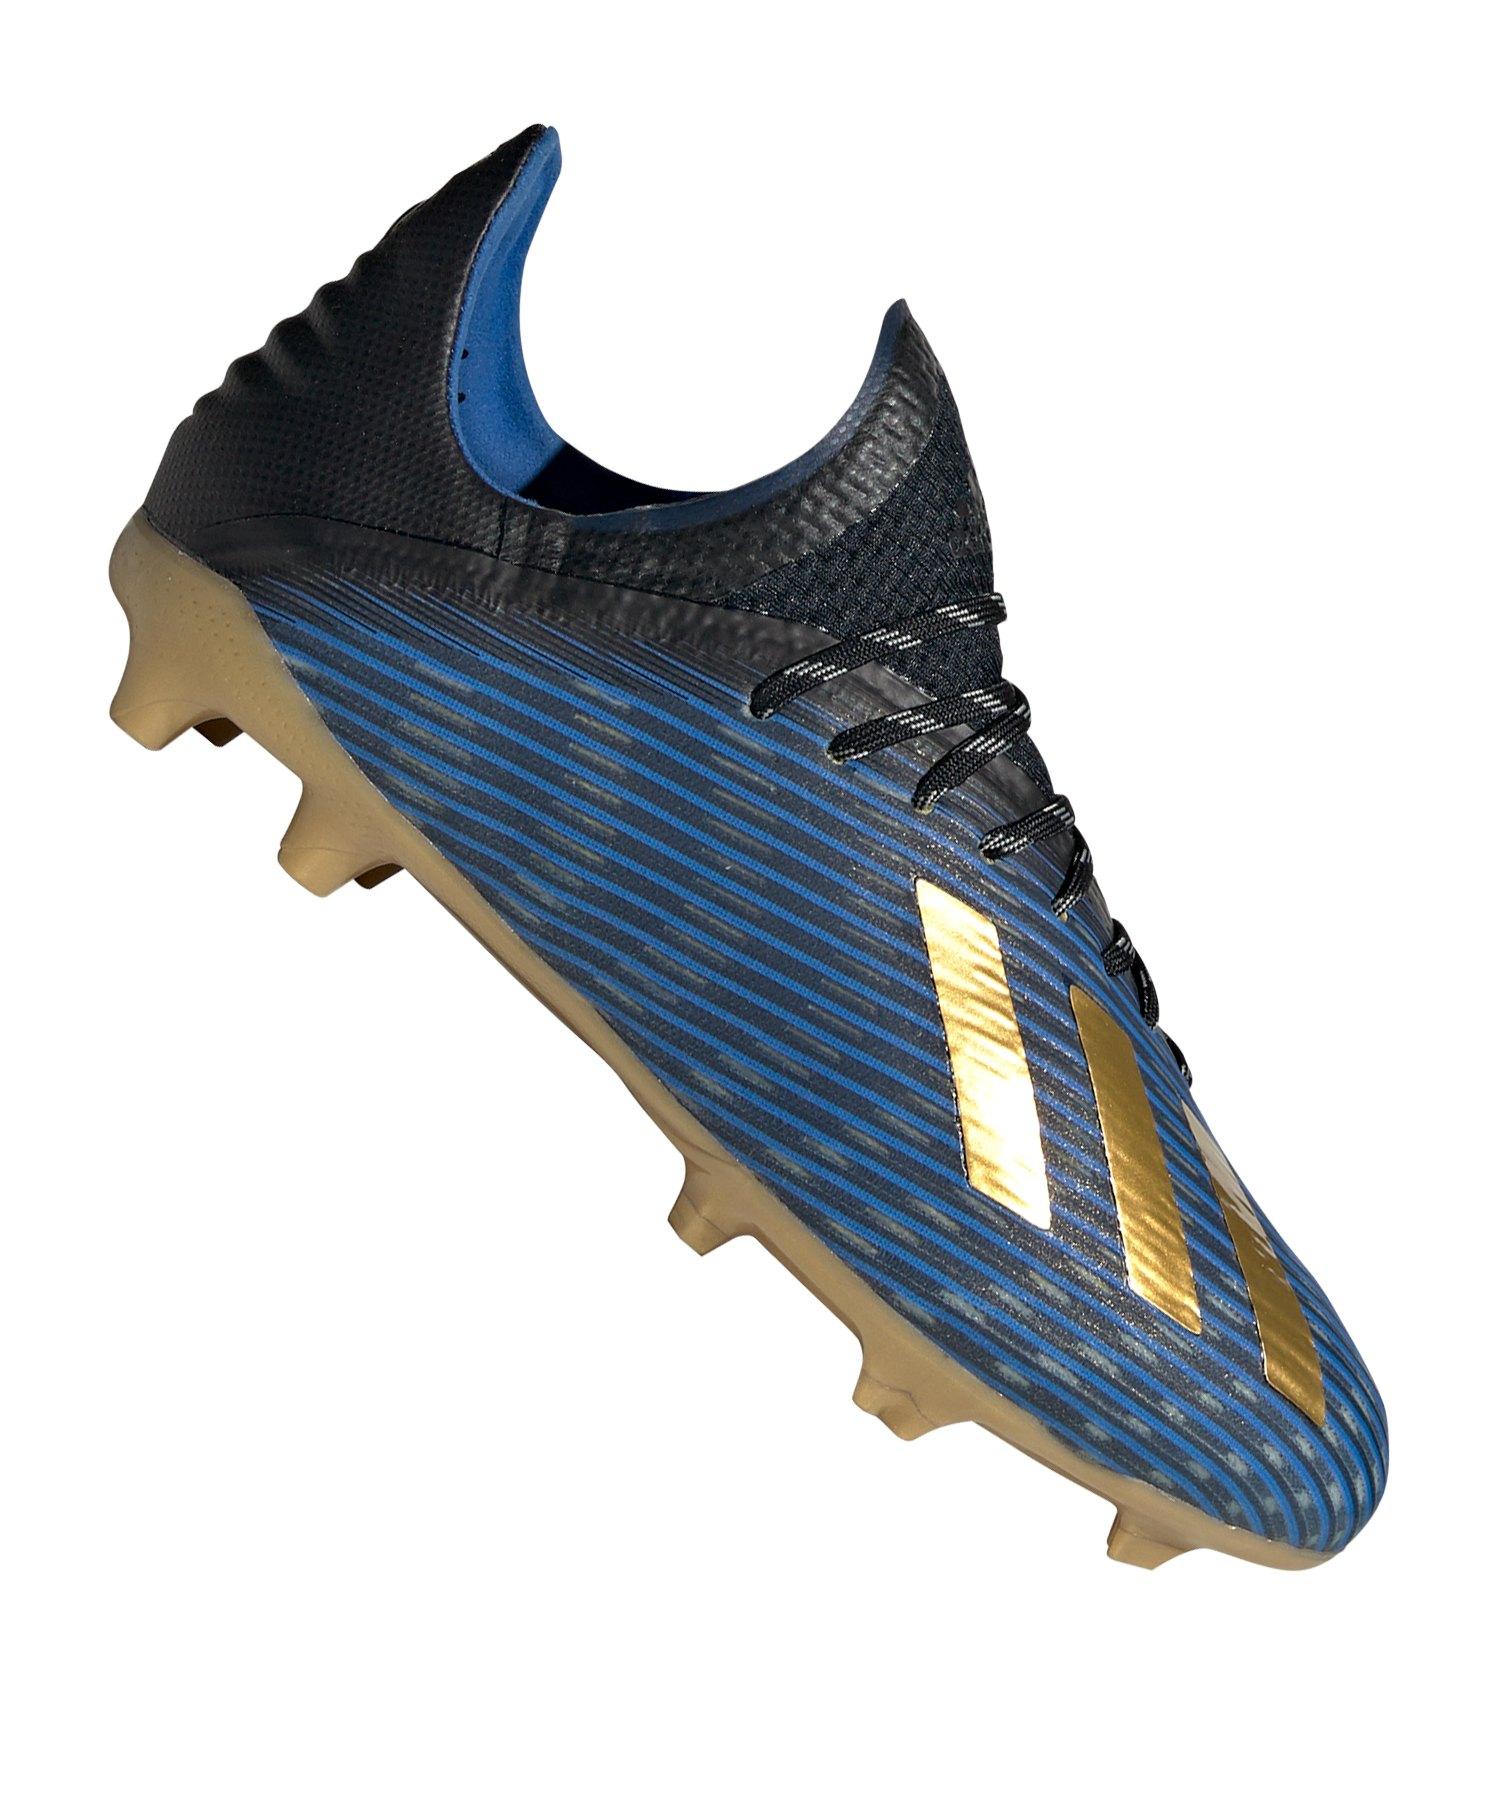 adidas X 19.1 FG J Kids Blau Gold Schwarz - blau